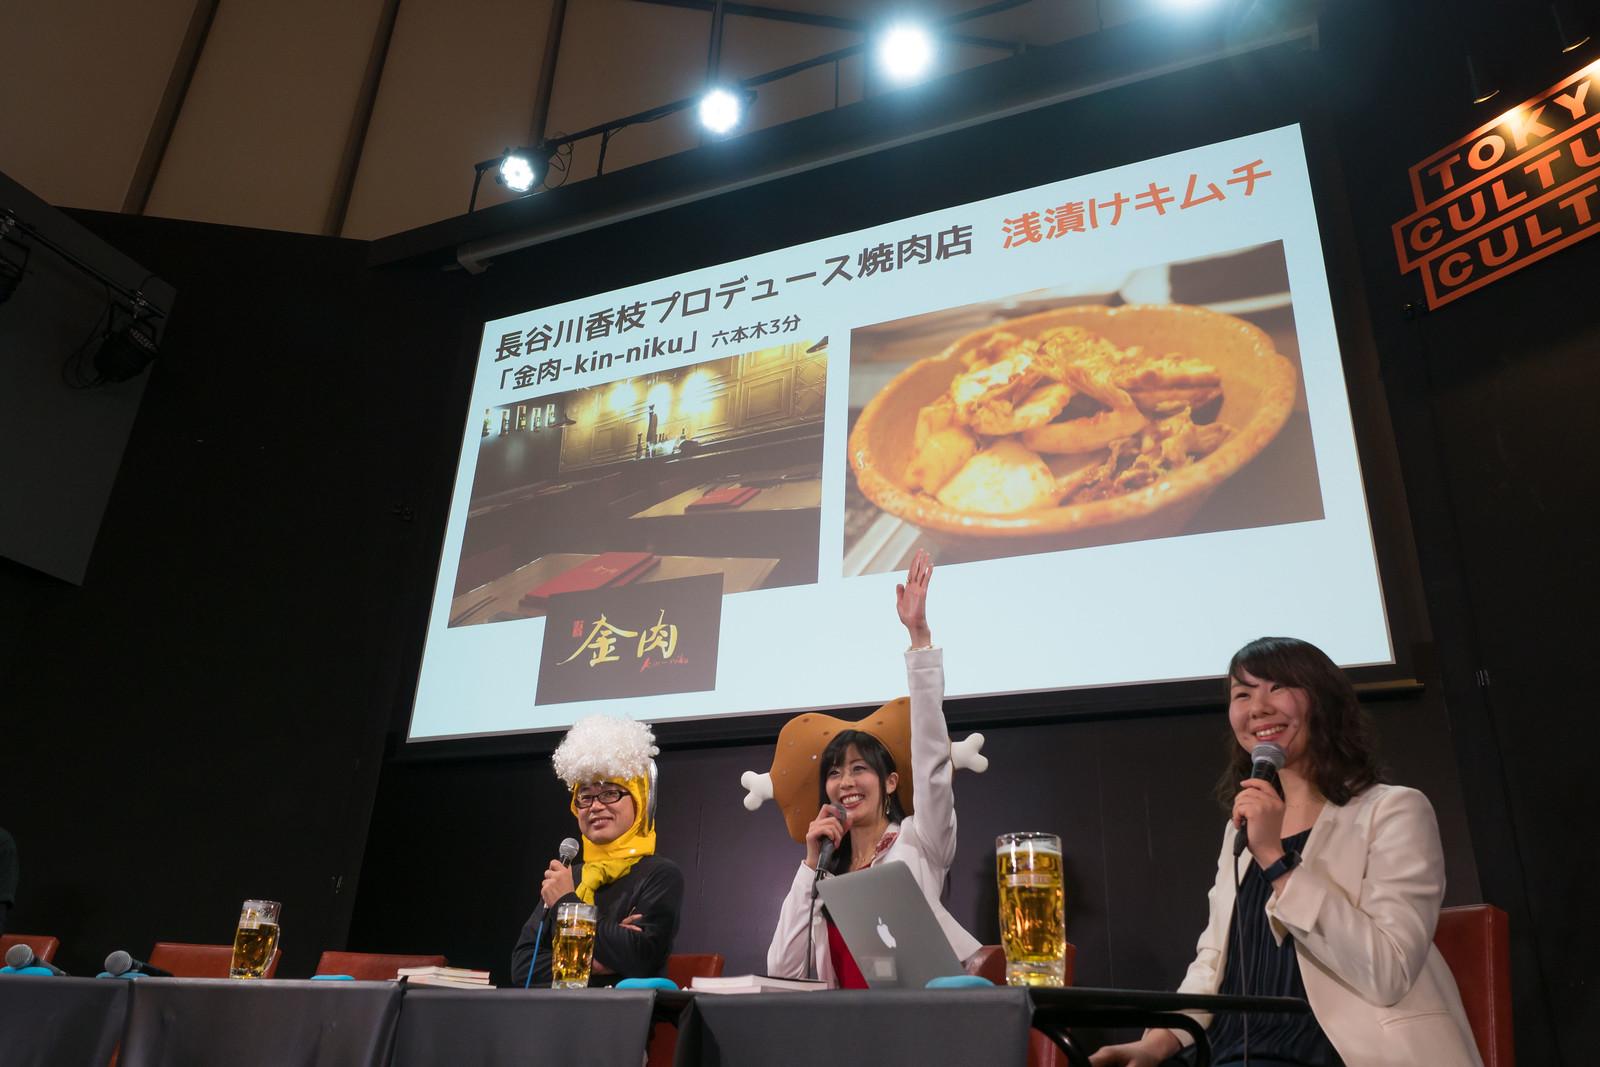 肉ビールダイエット-51